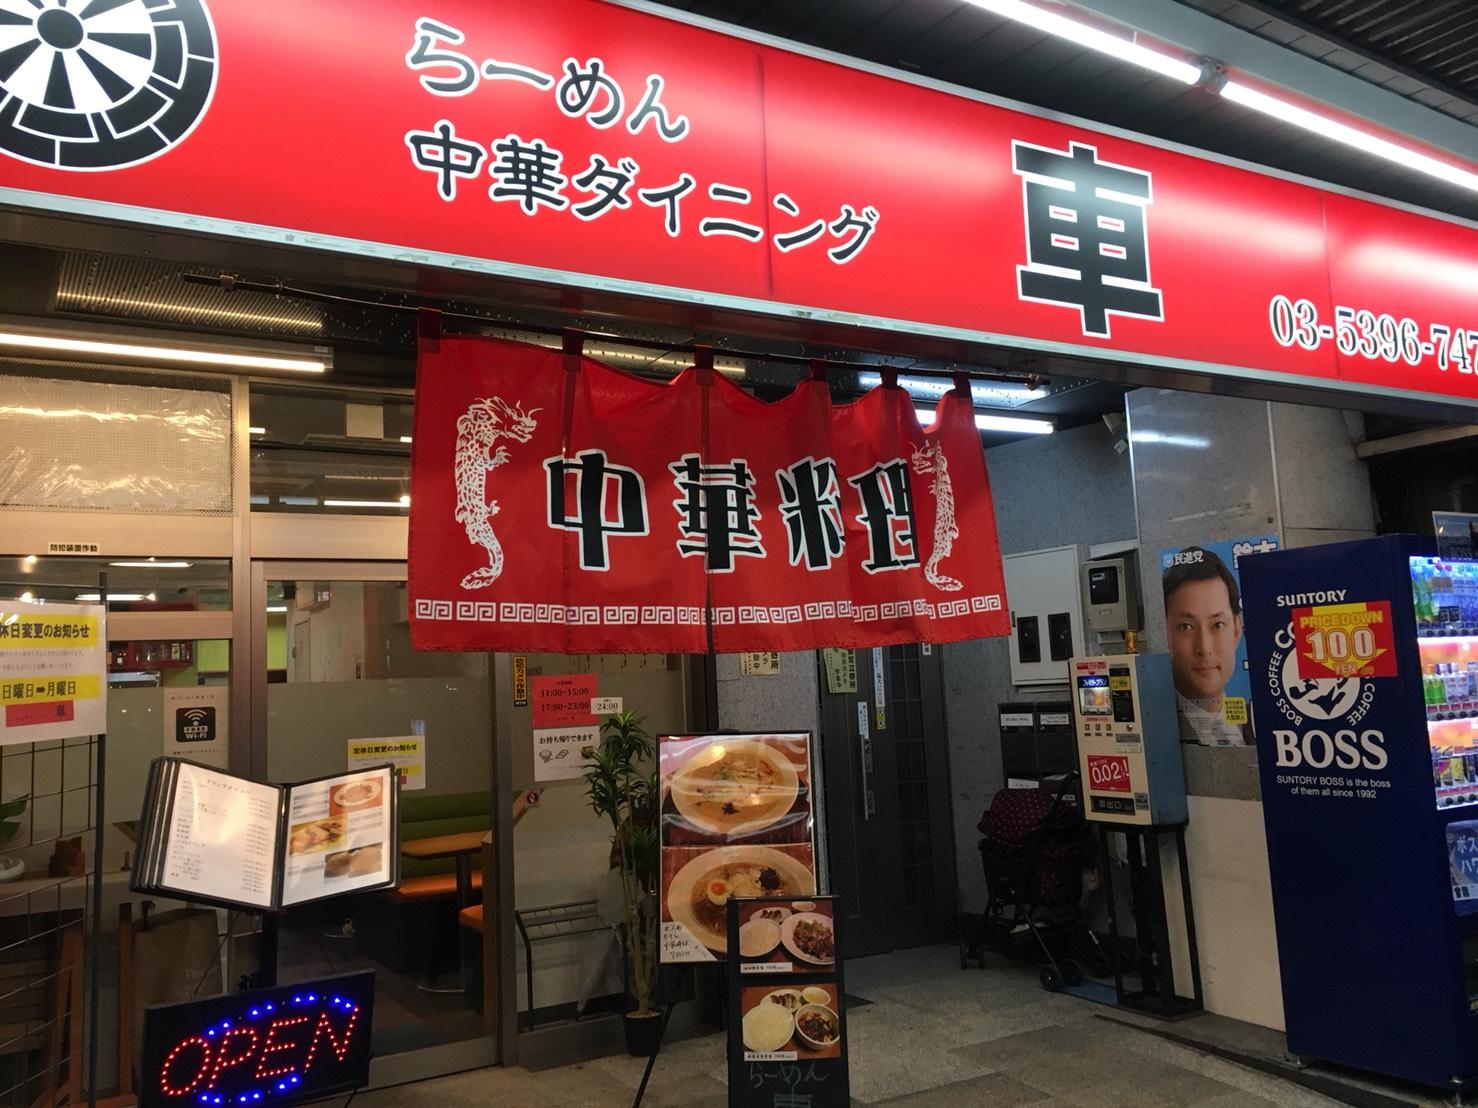 【大塚駅】チャーハン美味〜!やさしい中華のニューフェイス。大塚の「車 大塚本店」の外観